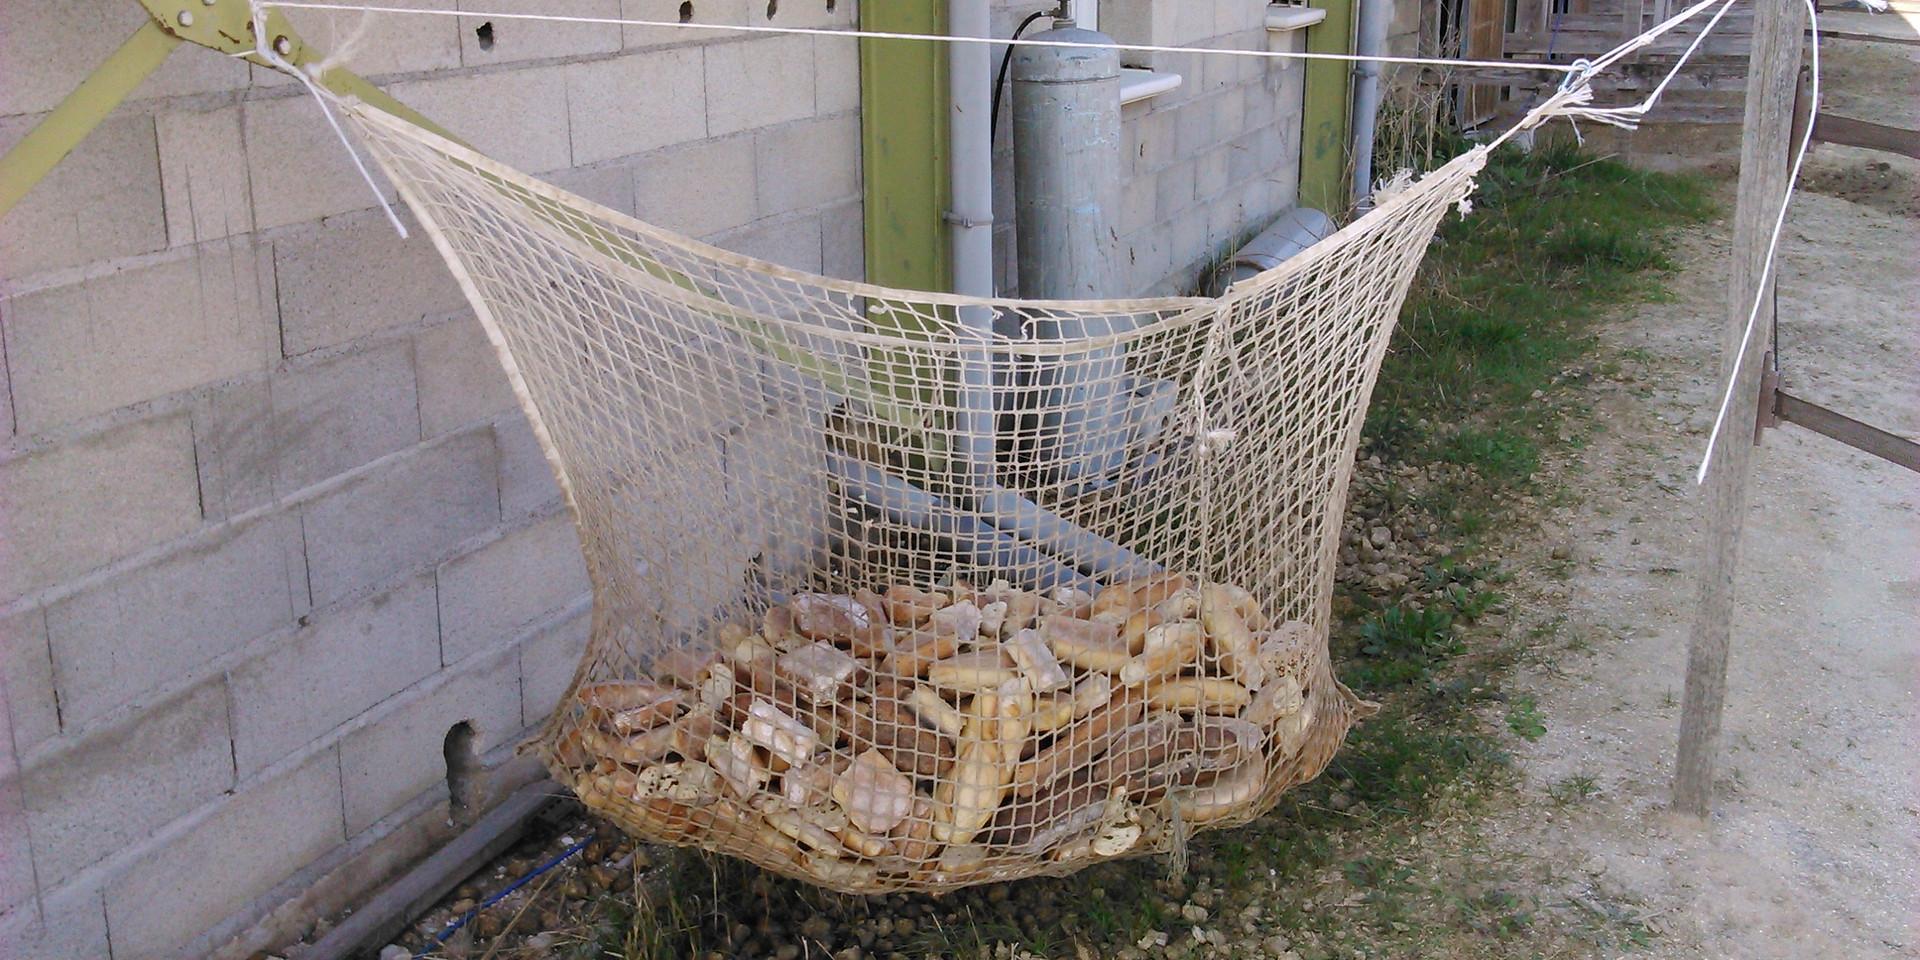 Séchoir à pain improvisé